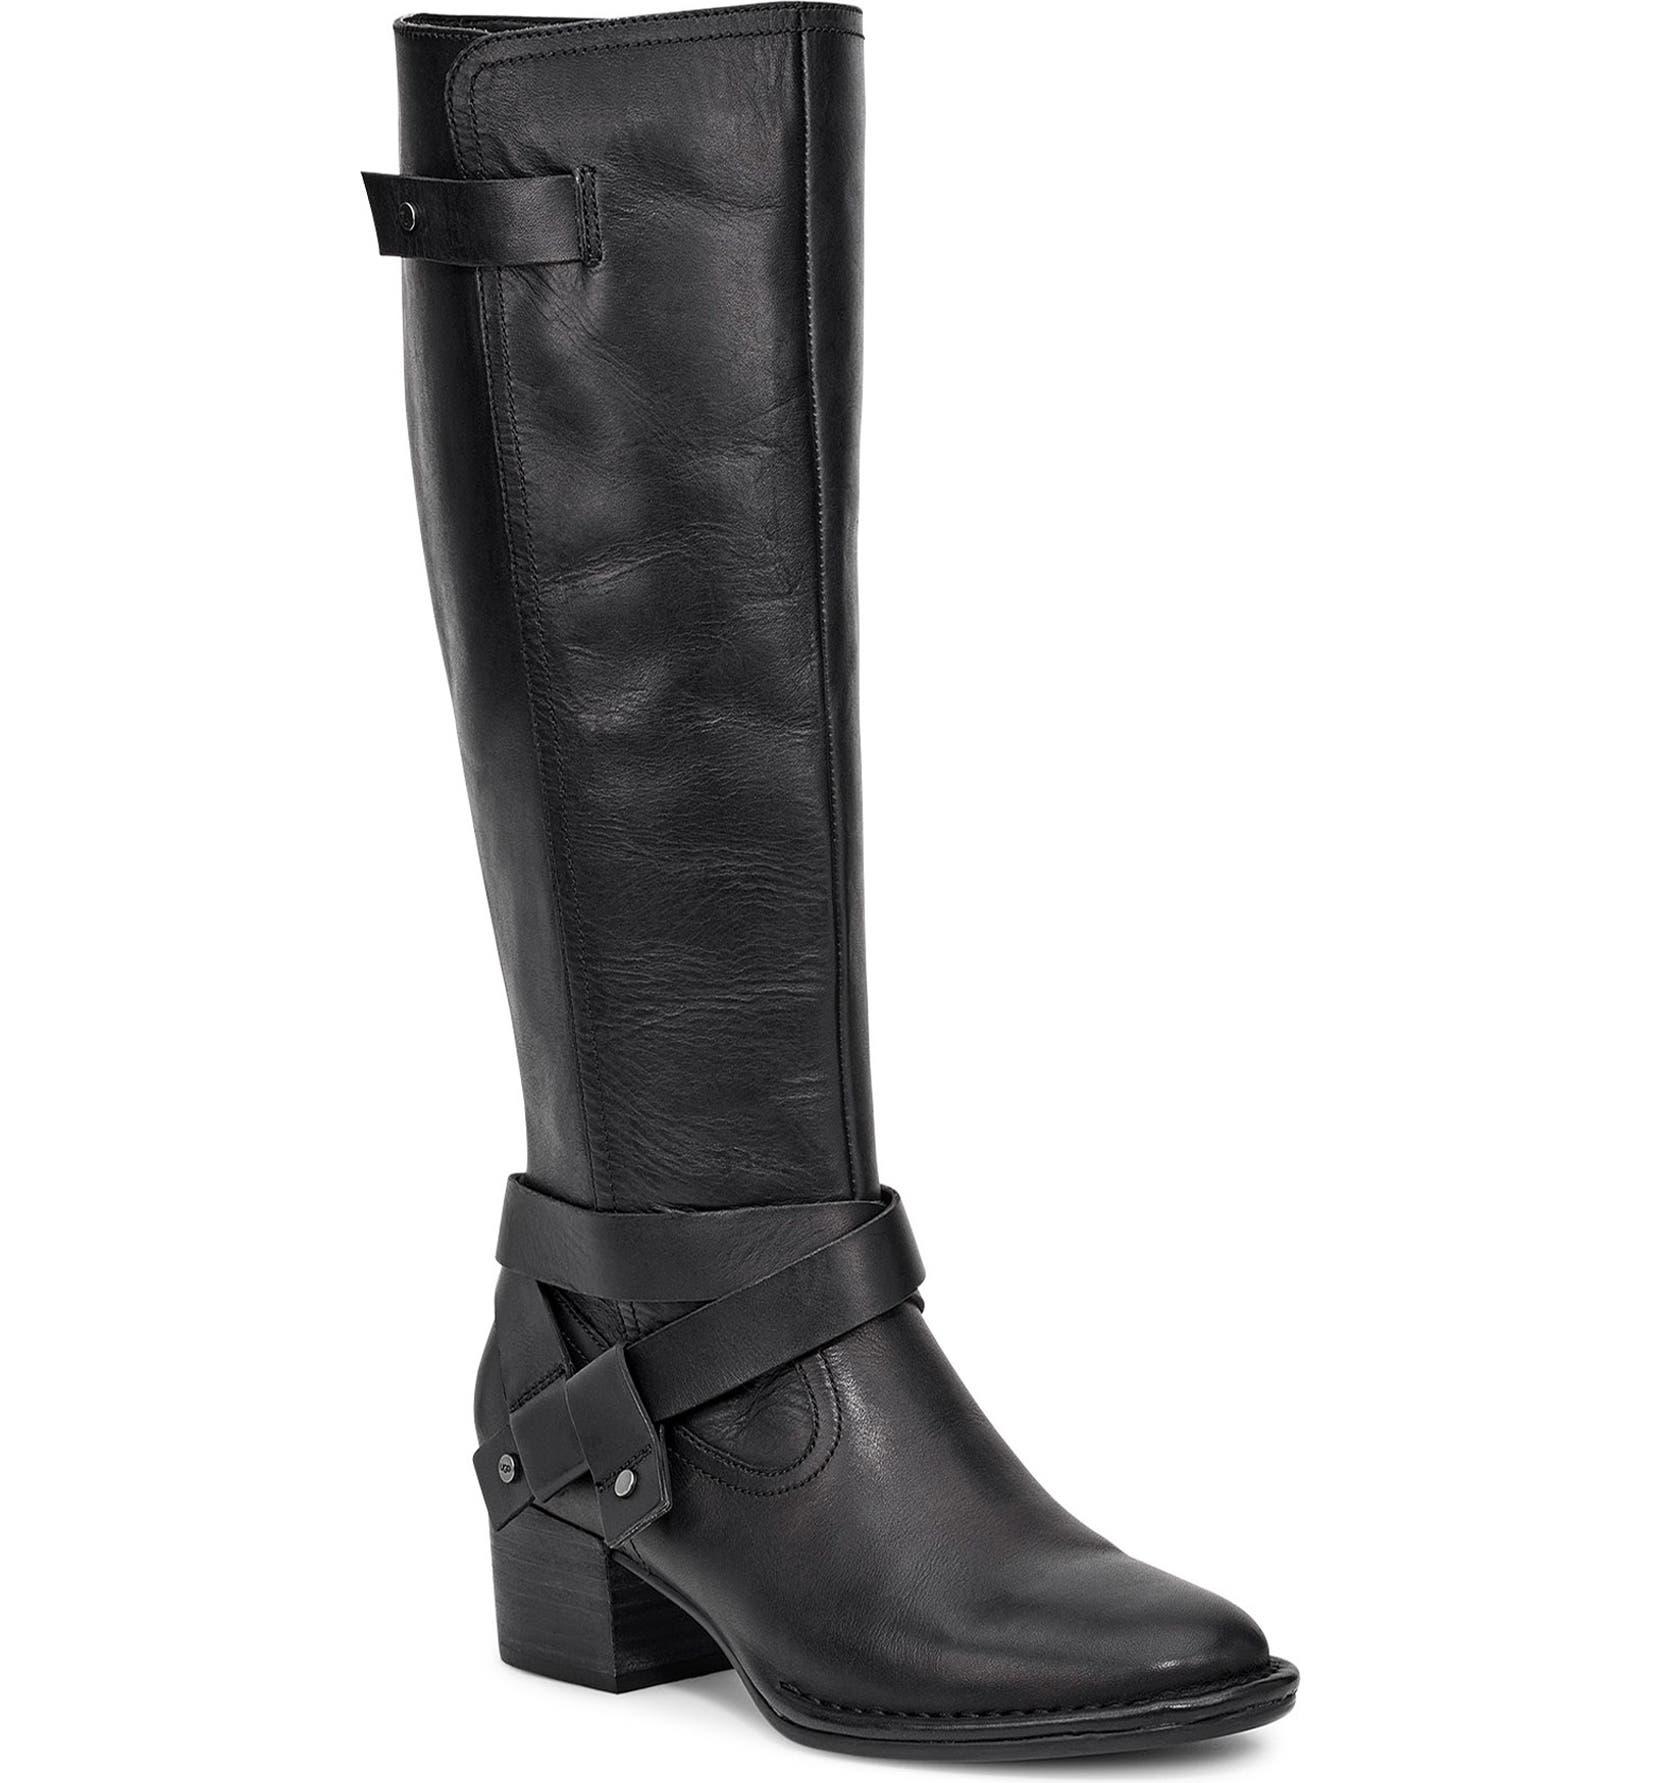 957f64fbb13 Bandara Knee High Boot